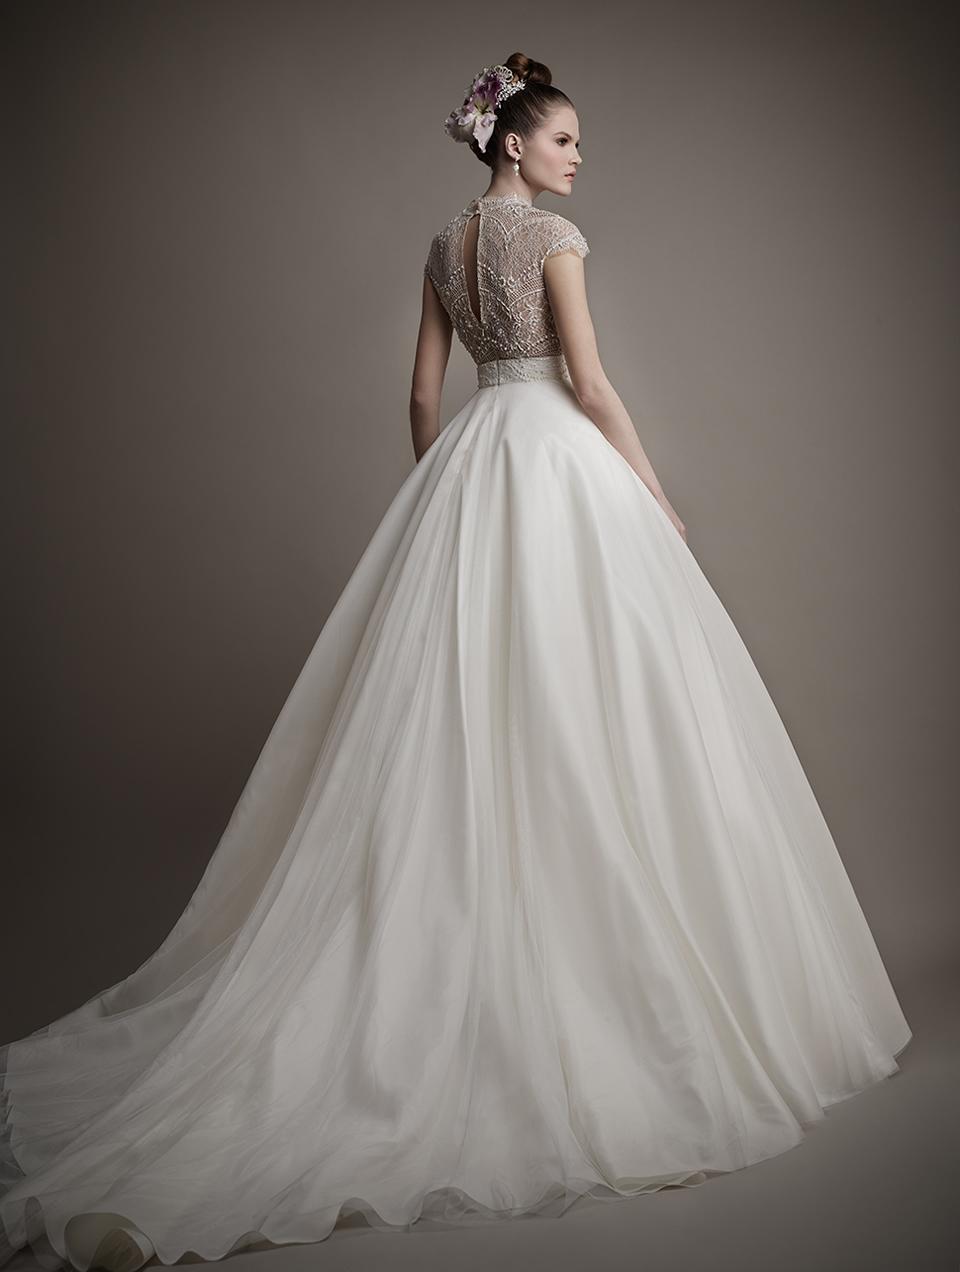 Коллекция свадебных платьев 2015 года от Ersa Atelier11-1